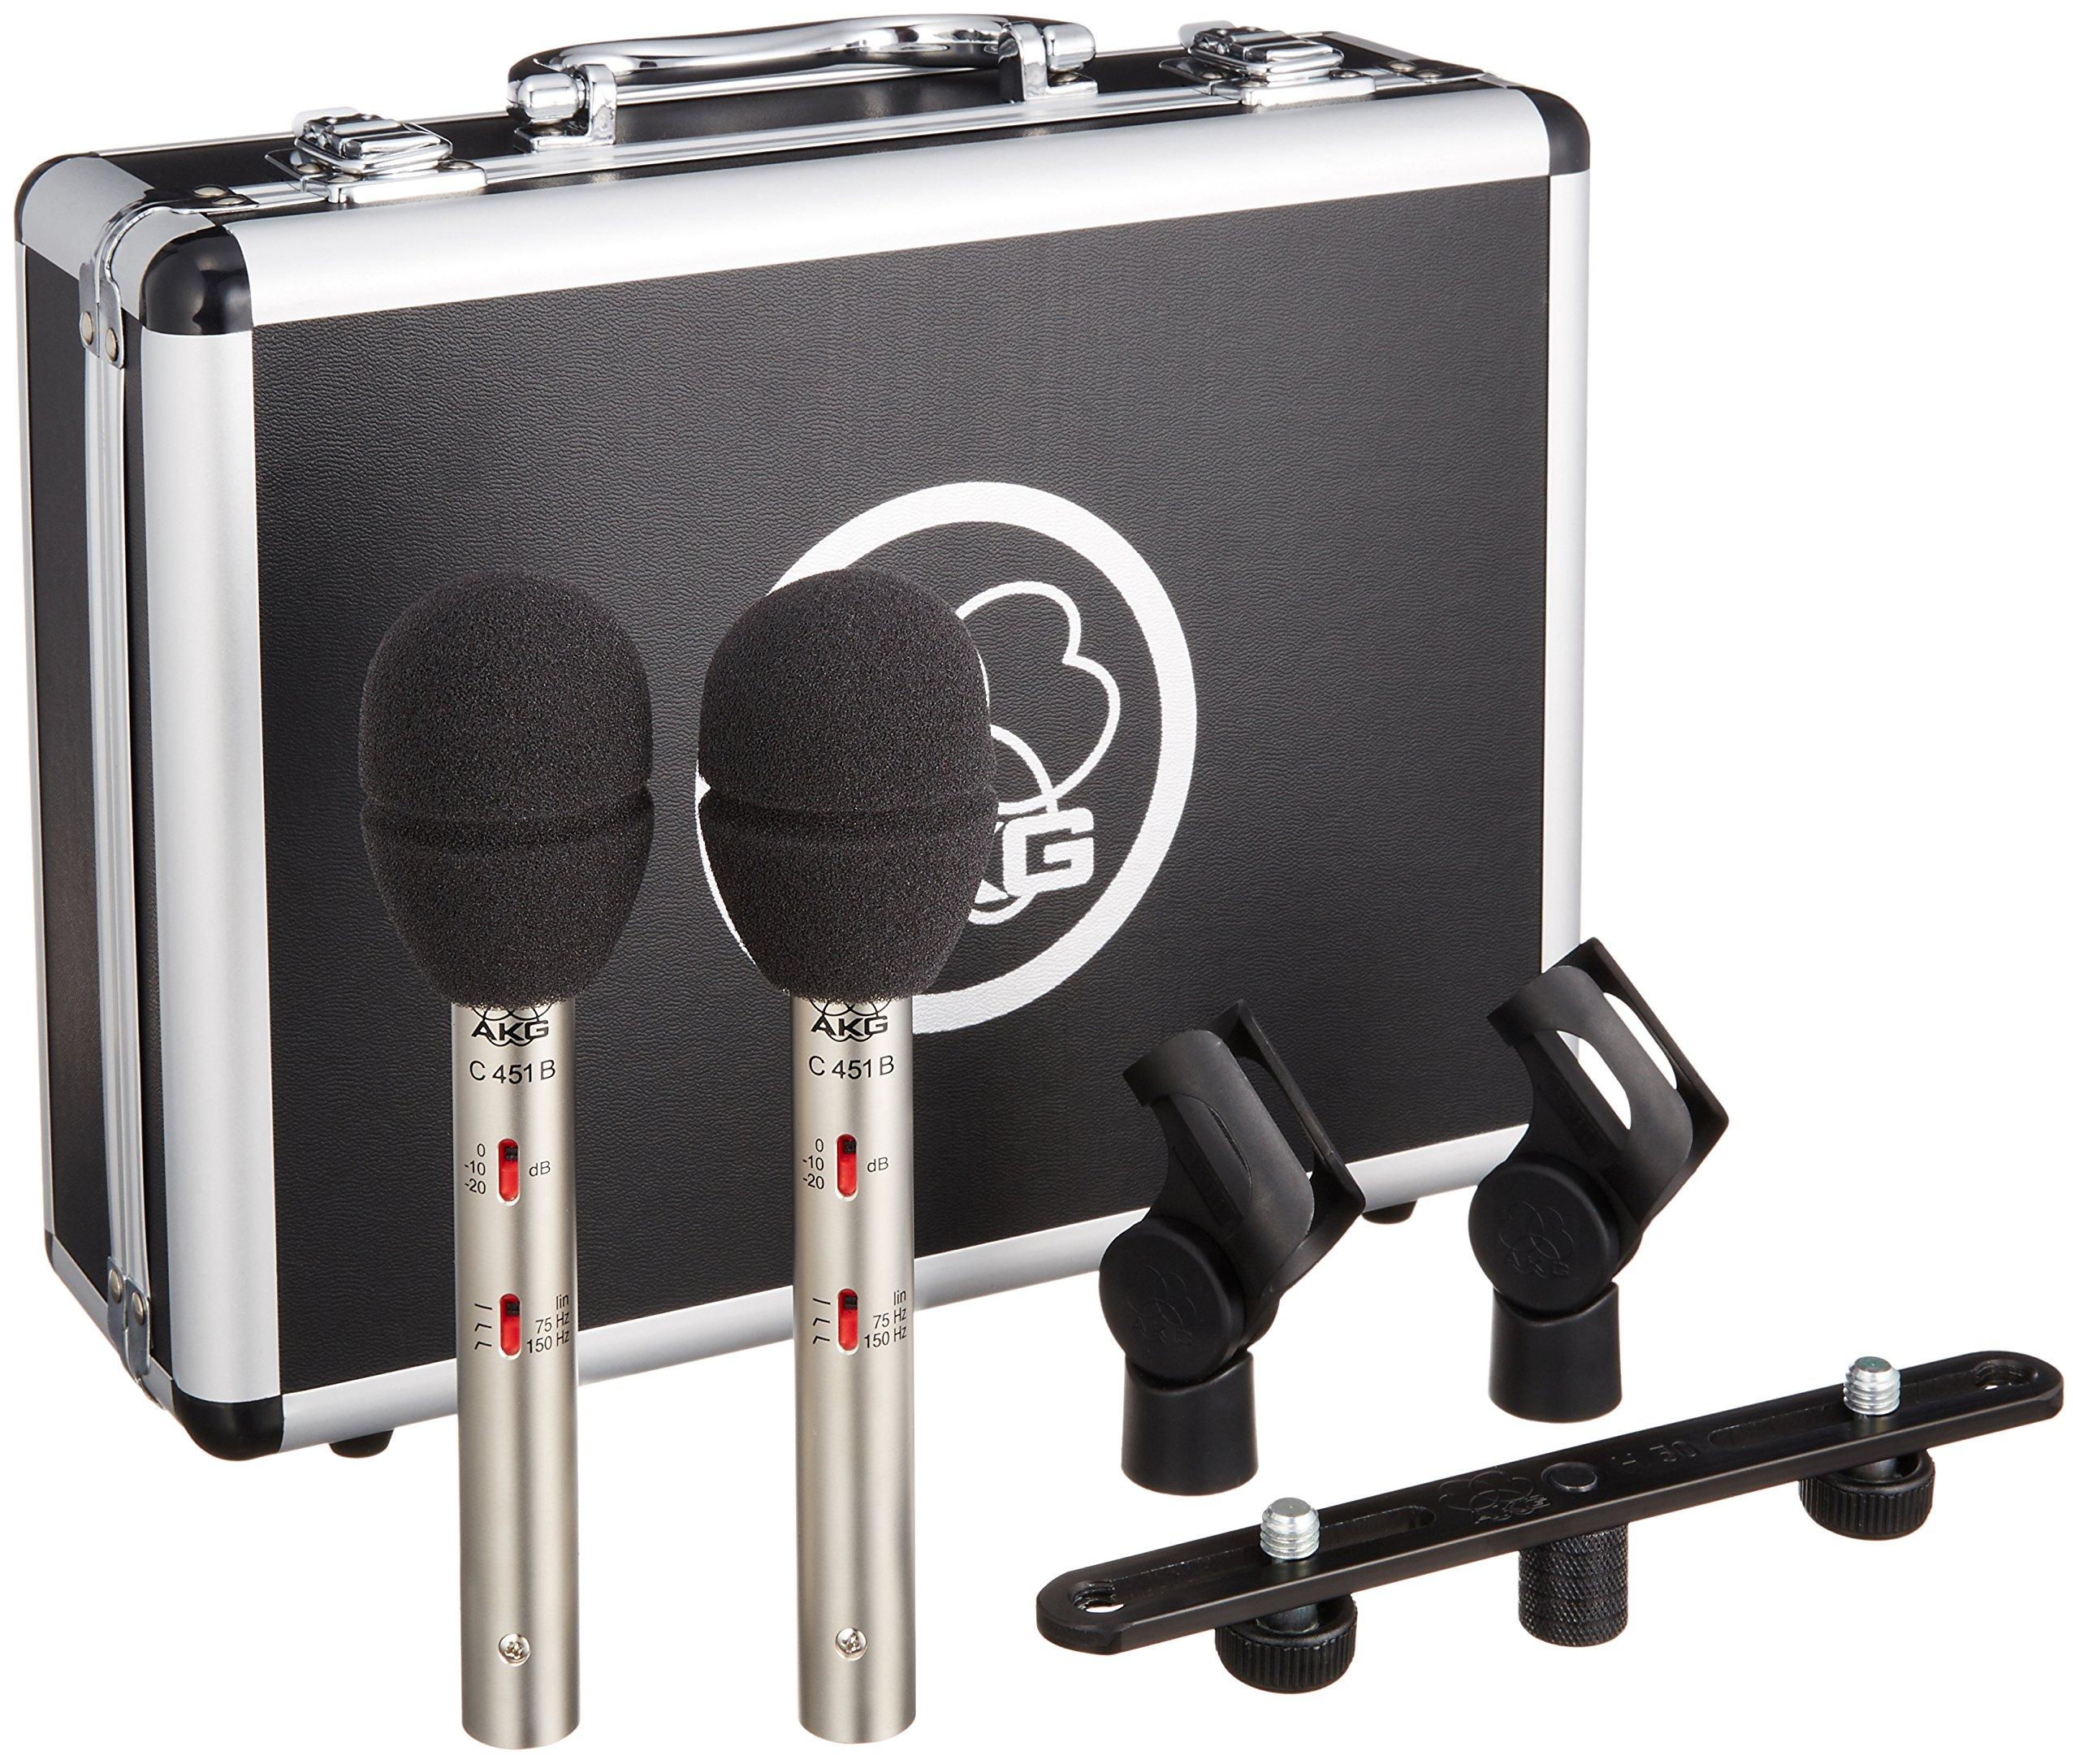 AKG C 451 B Stereo Pair by AKG